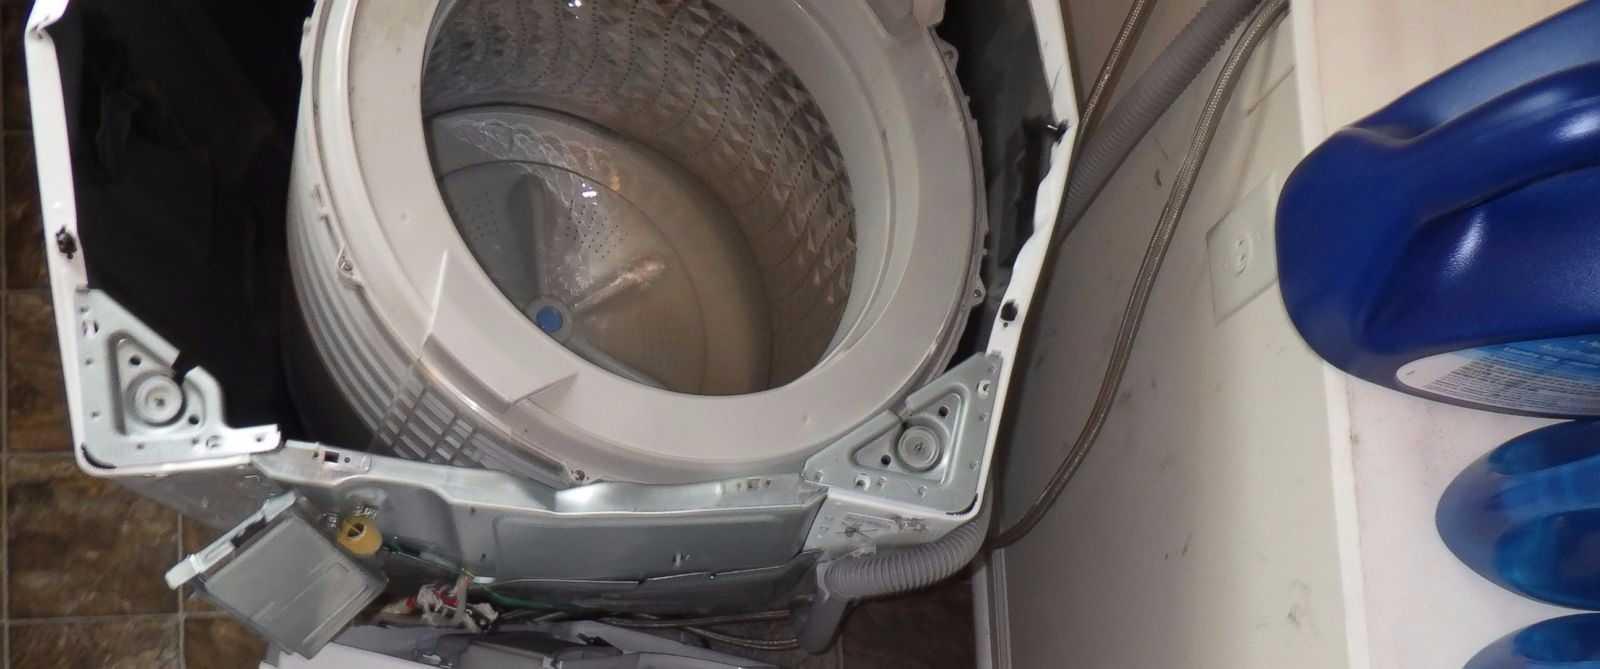 Hết điện thoại lại đến máy giặt Samsung phát nổ